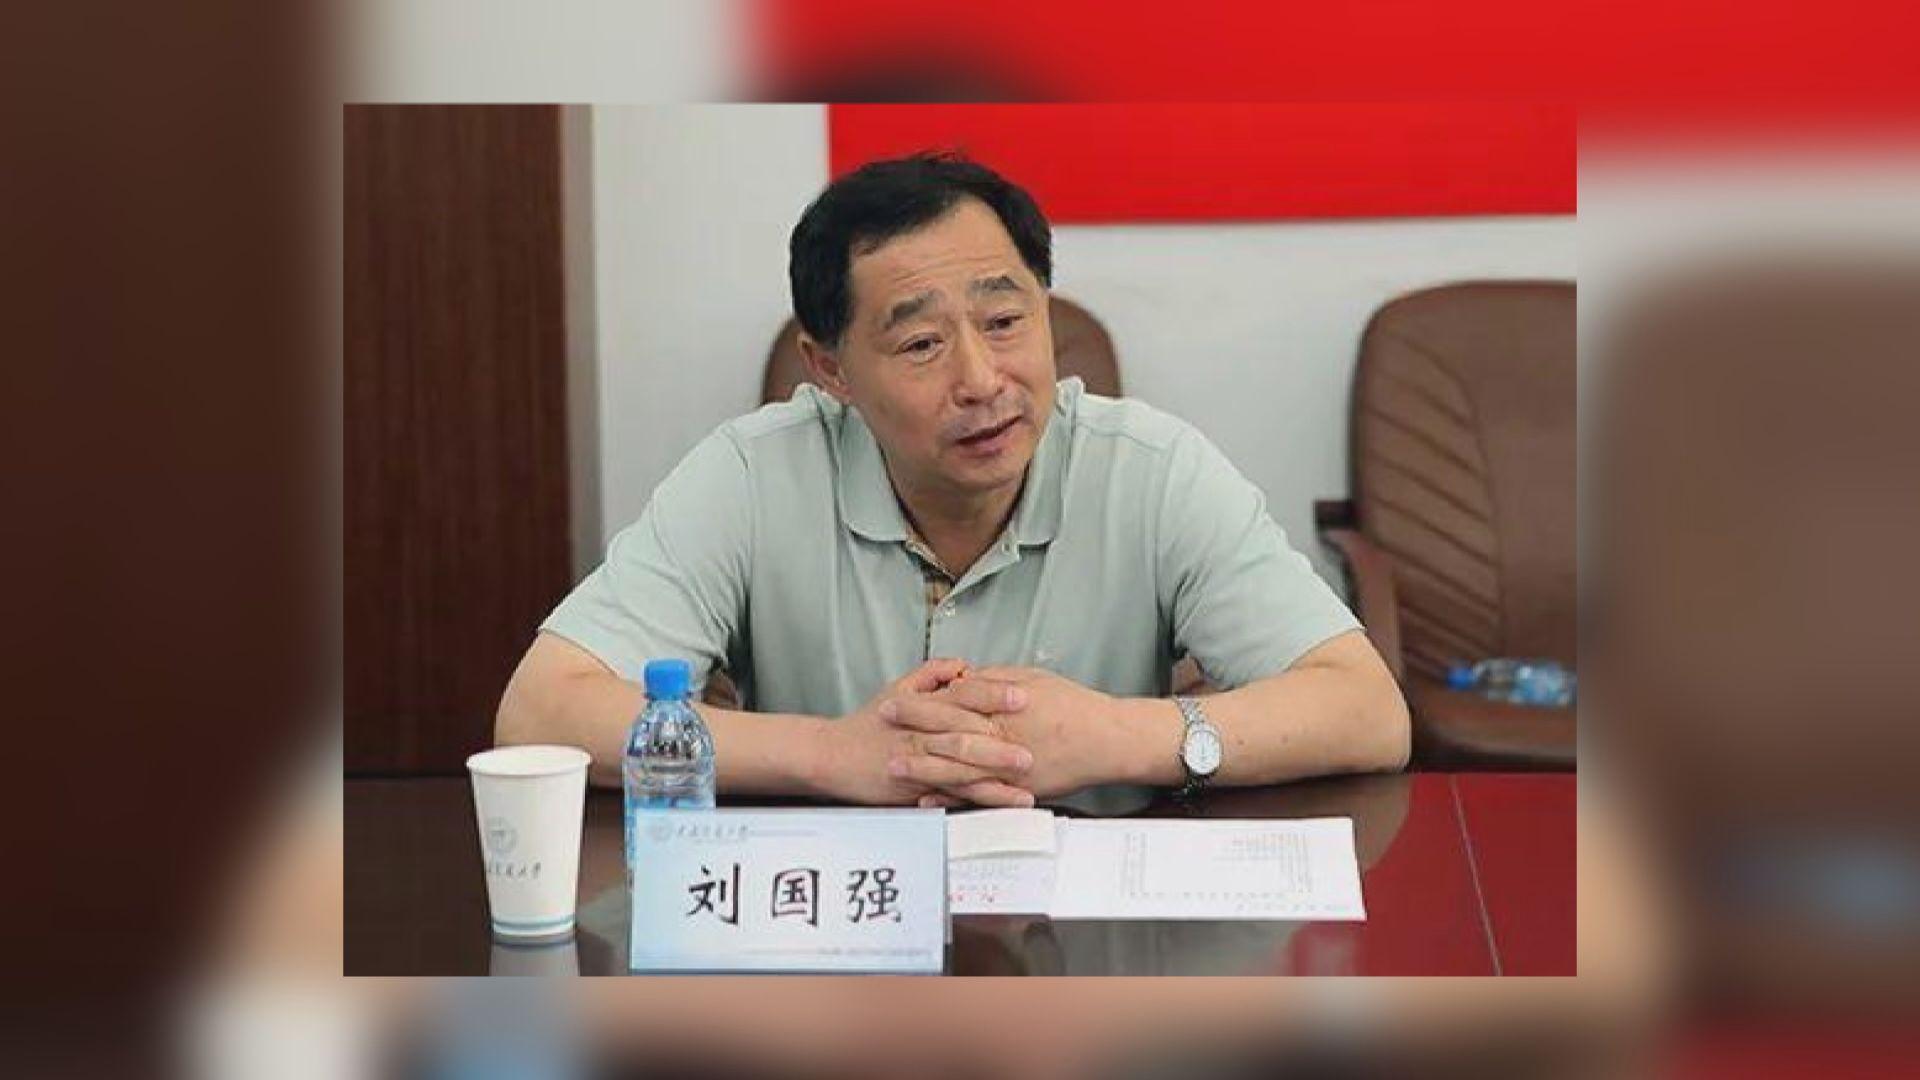 遼寧省政協原副主席劉國強被逮捕